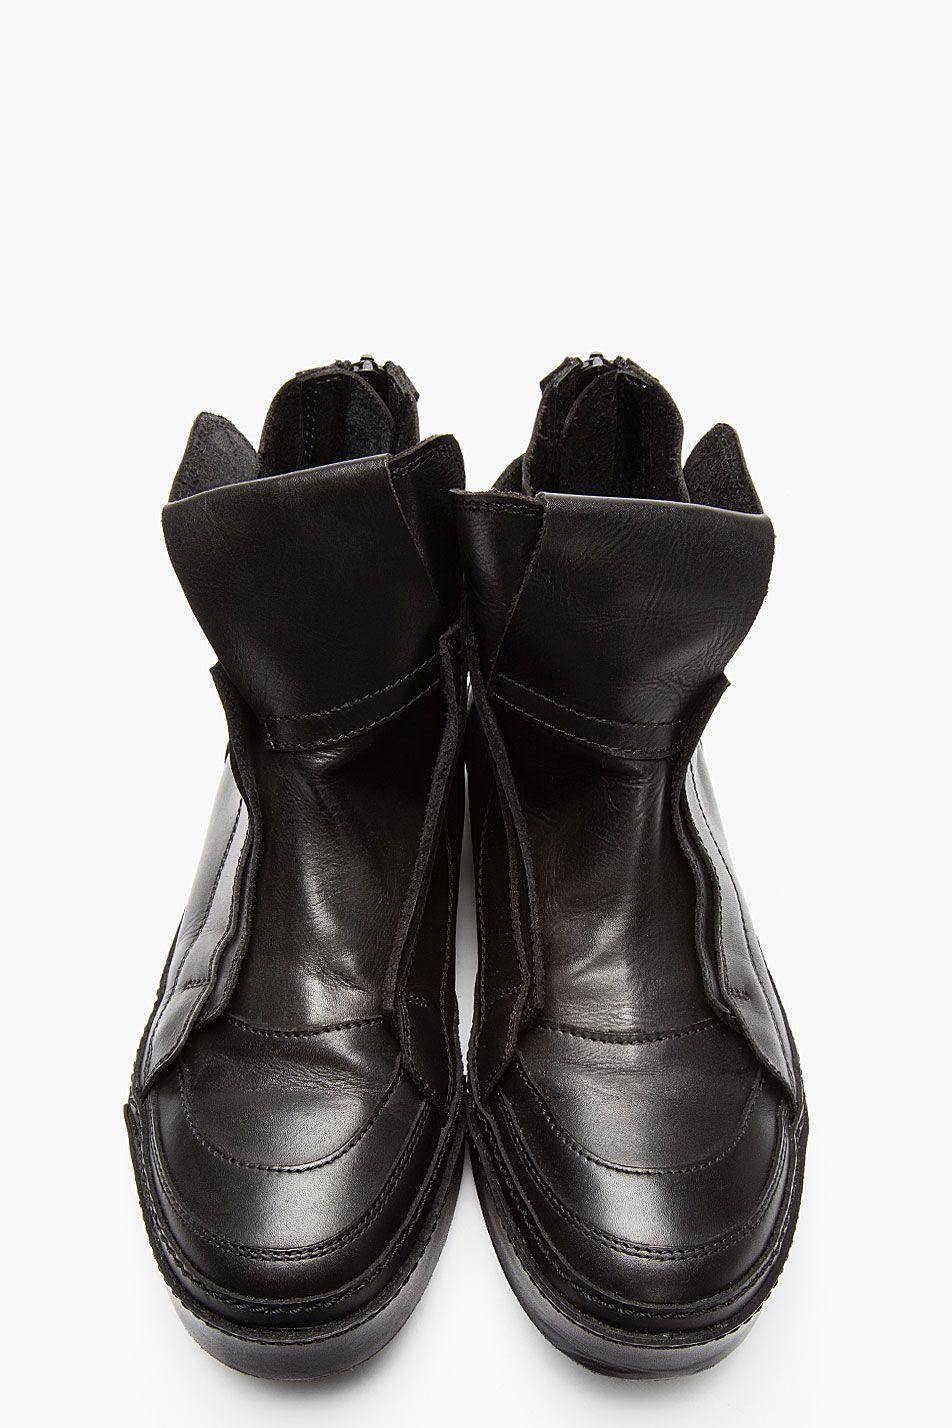 JULIUS Black leather mid-top sneakers